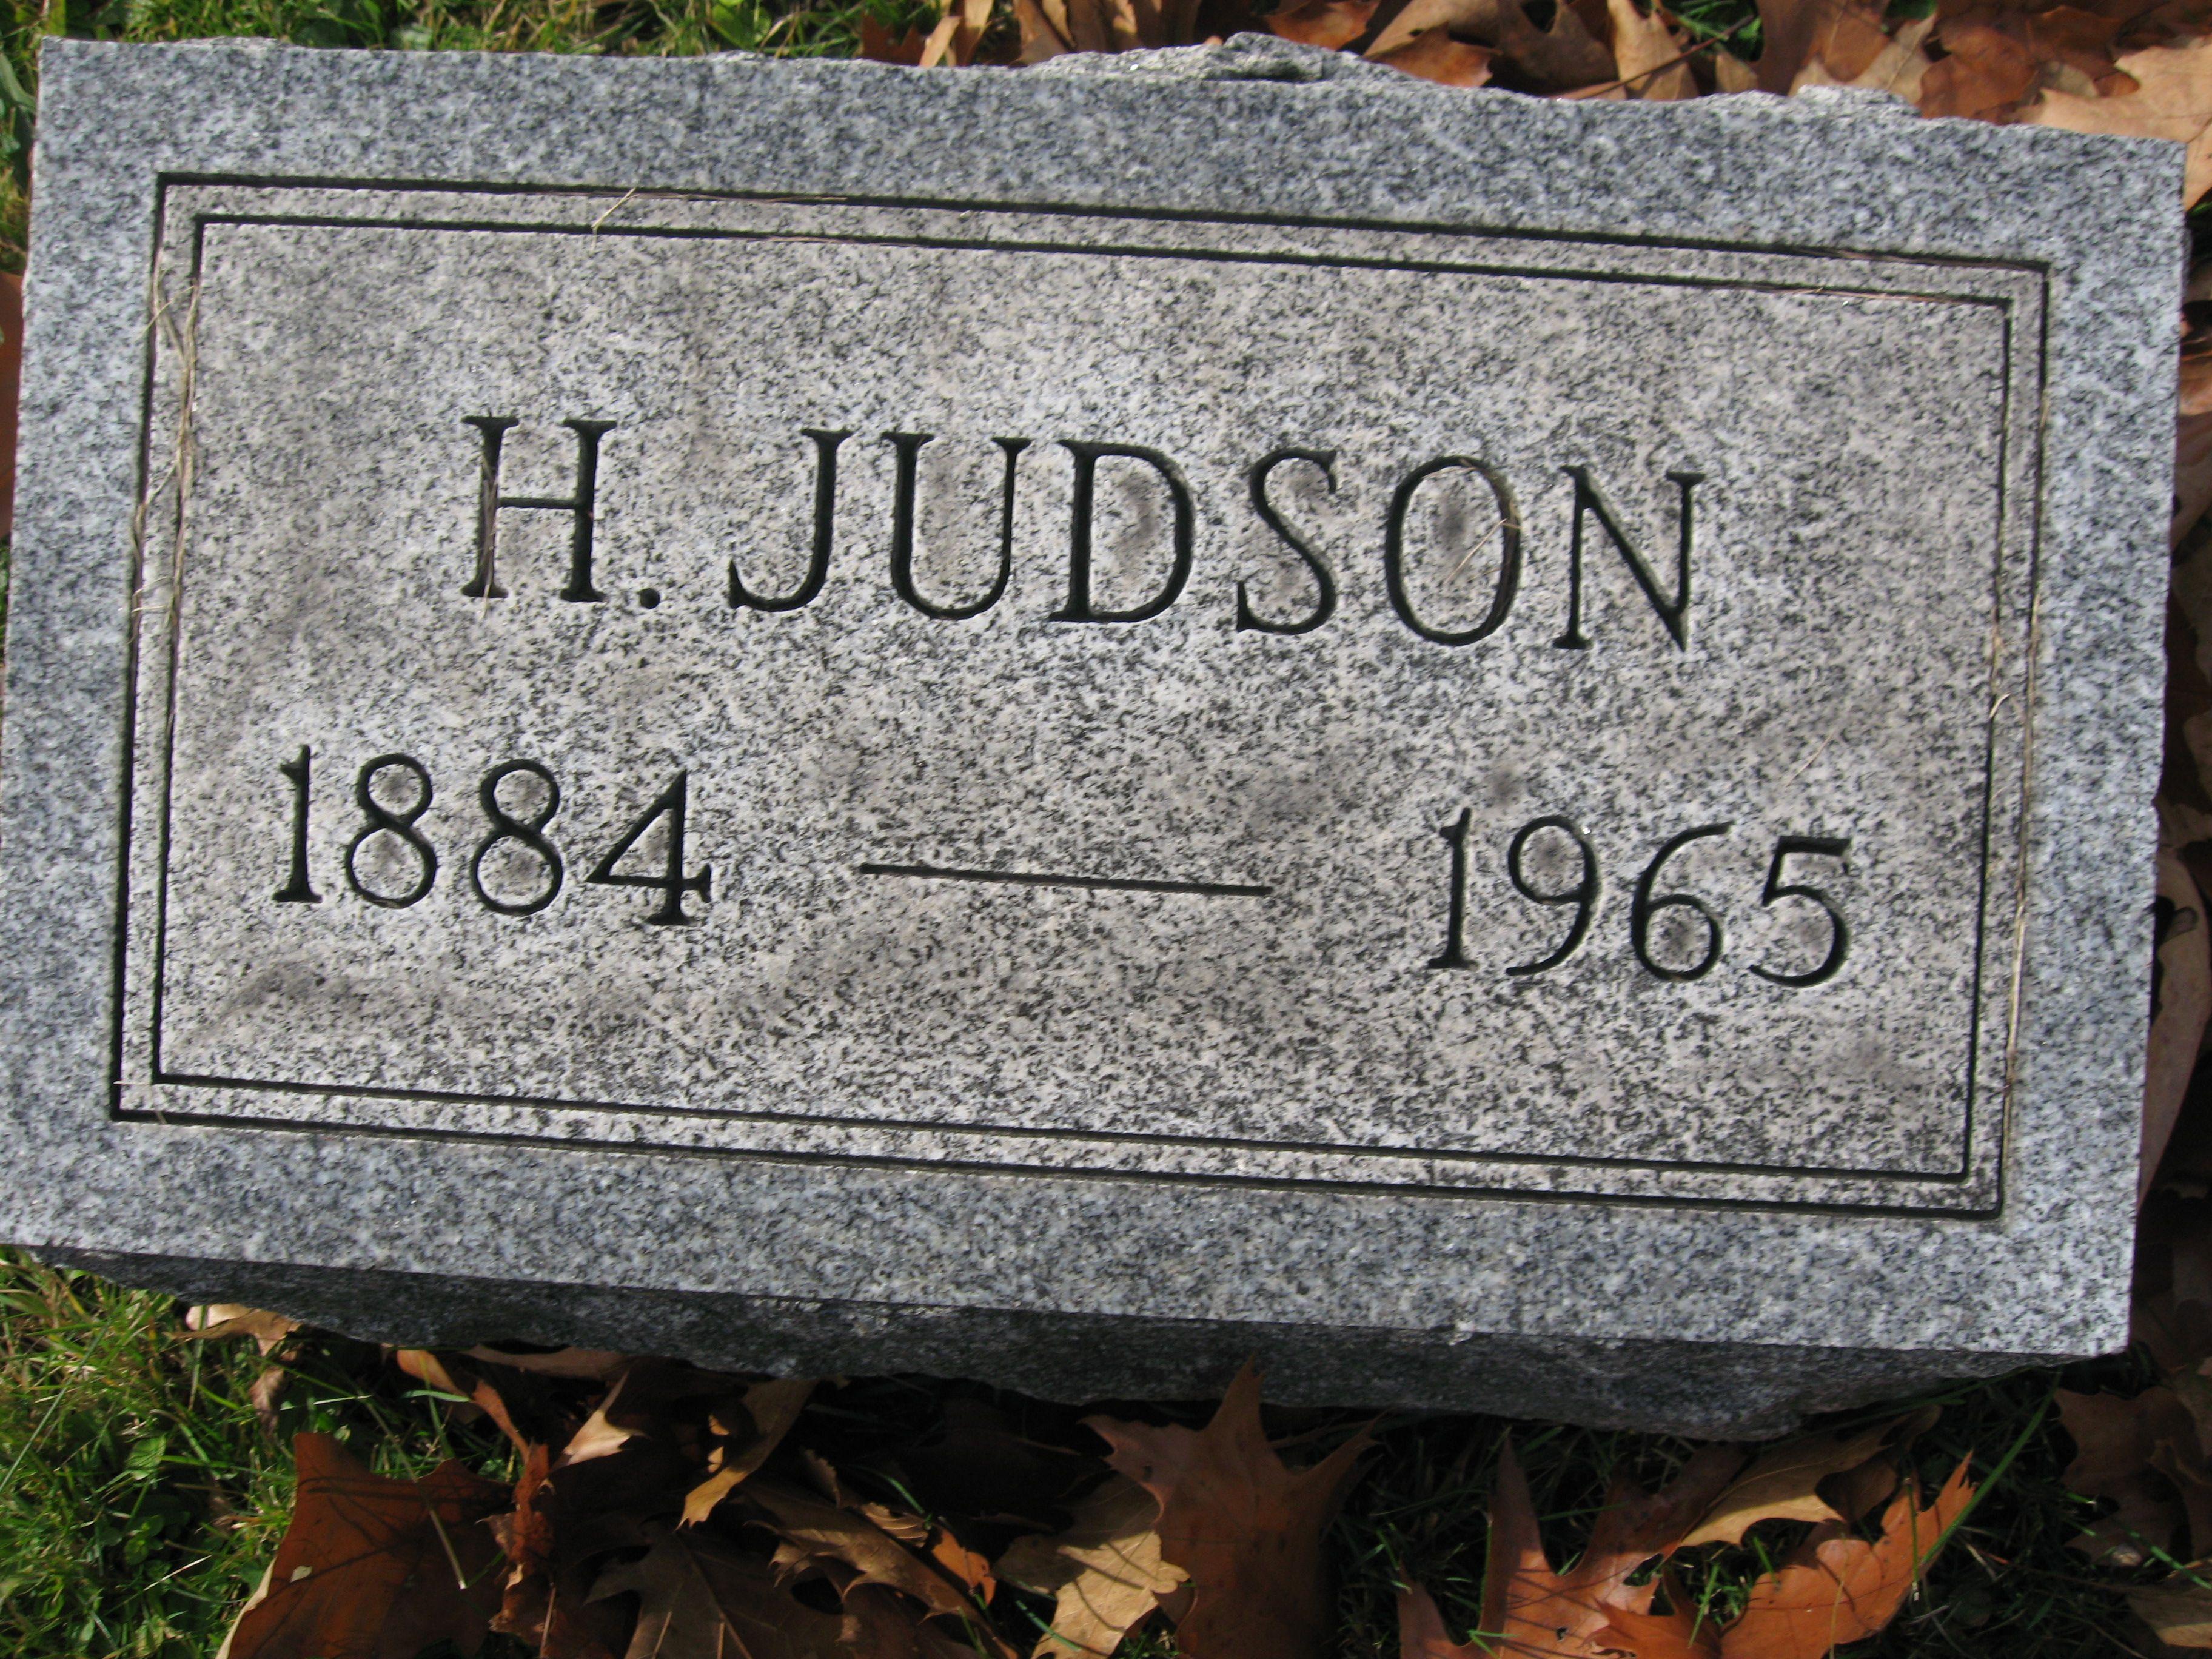 Henry Judson Borland